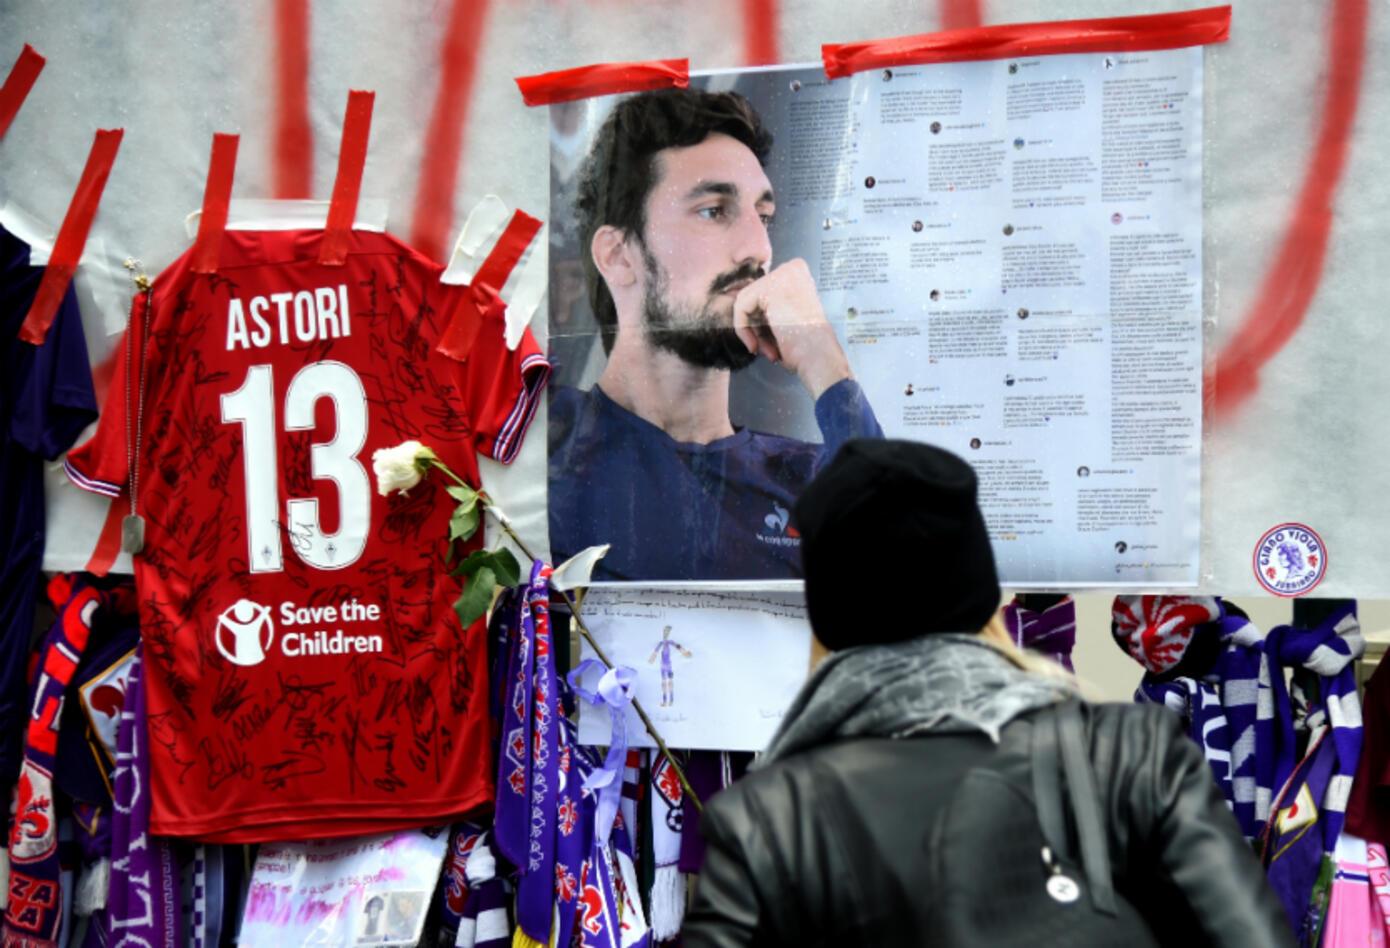 Homenaje Astori